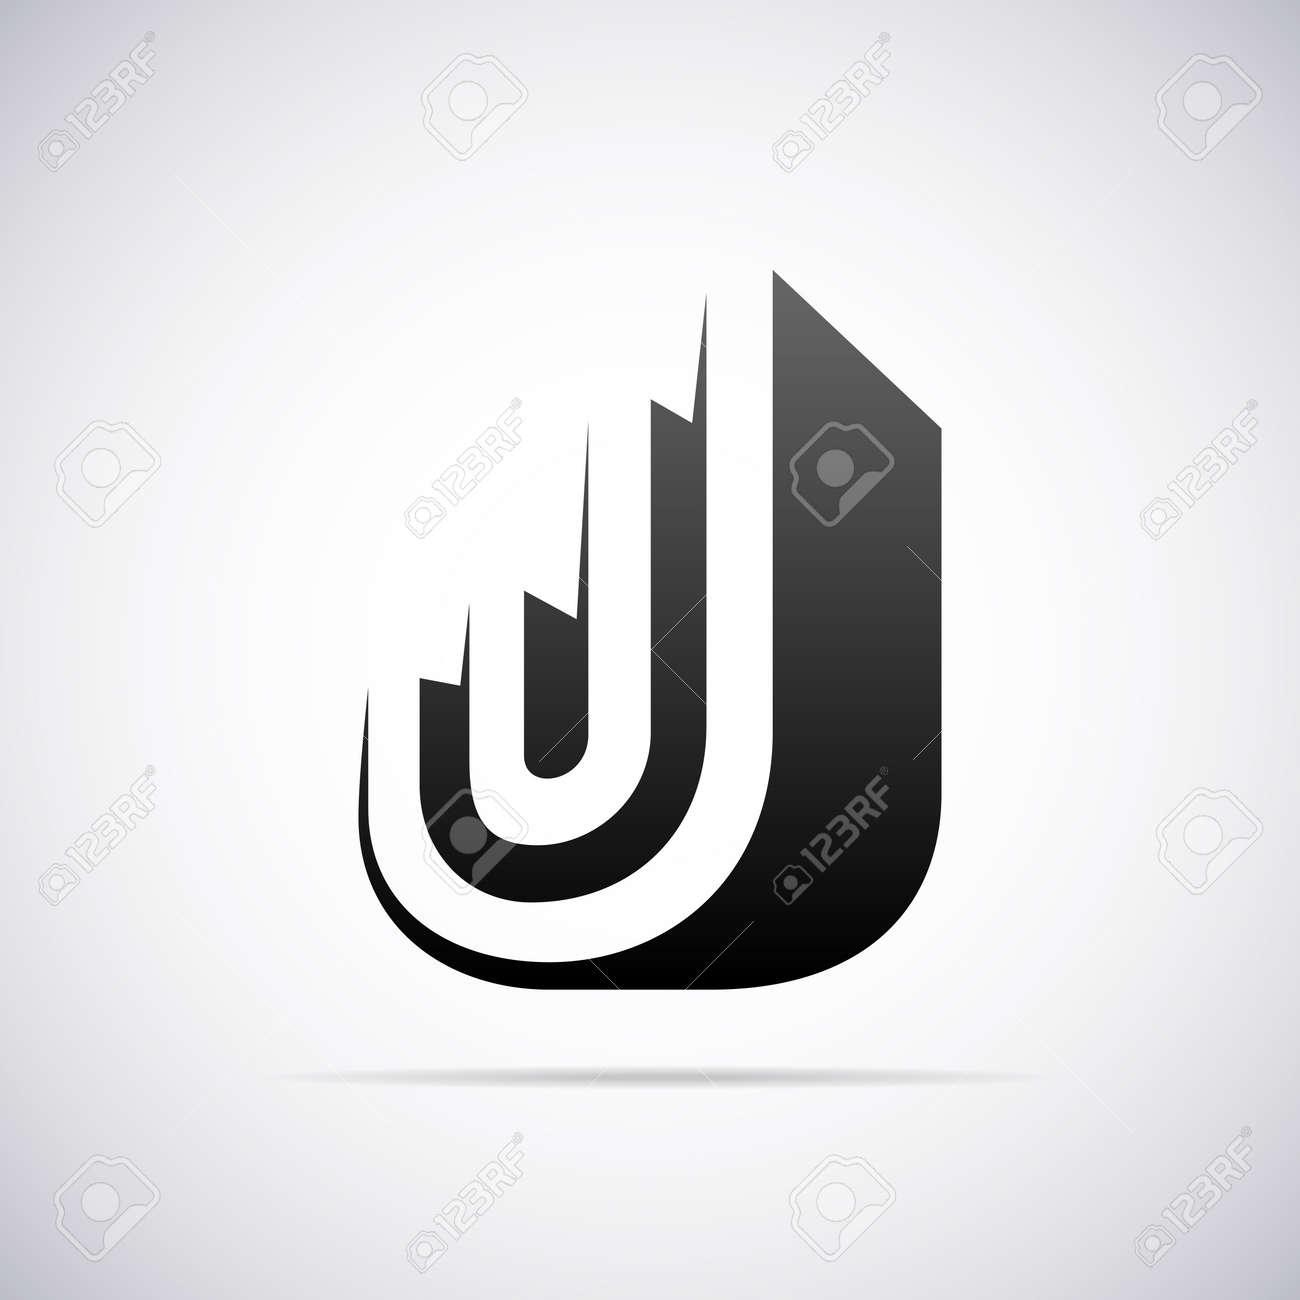 logo for letter j design template vector